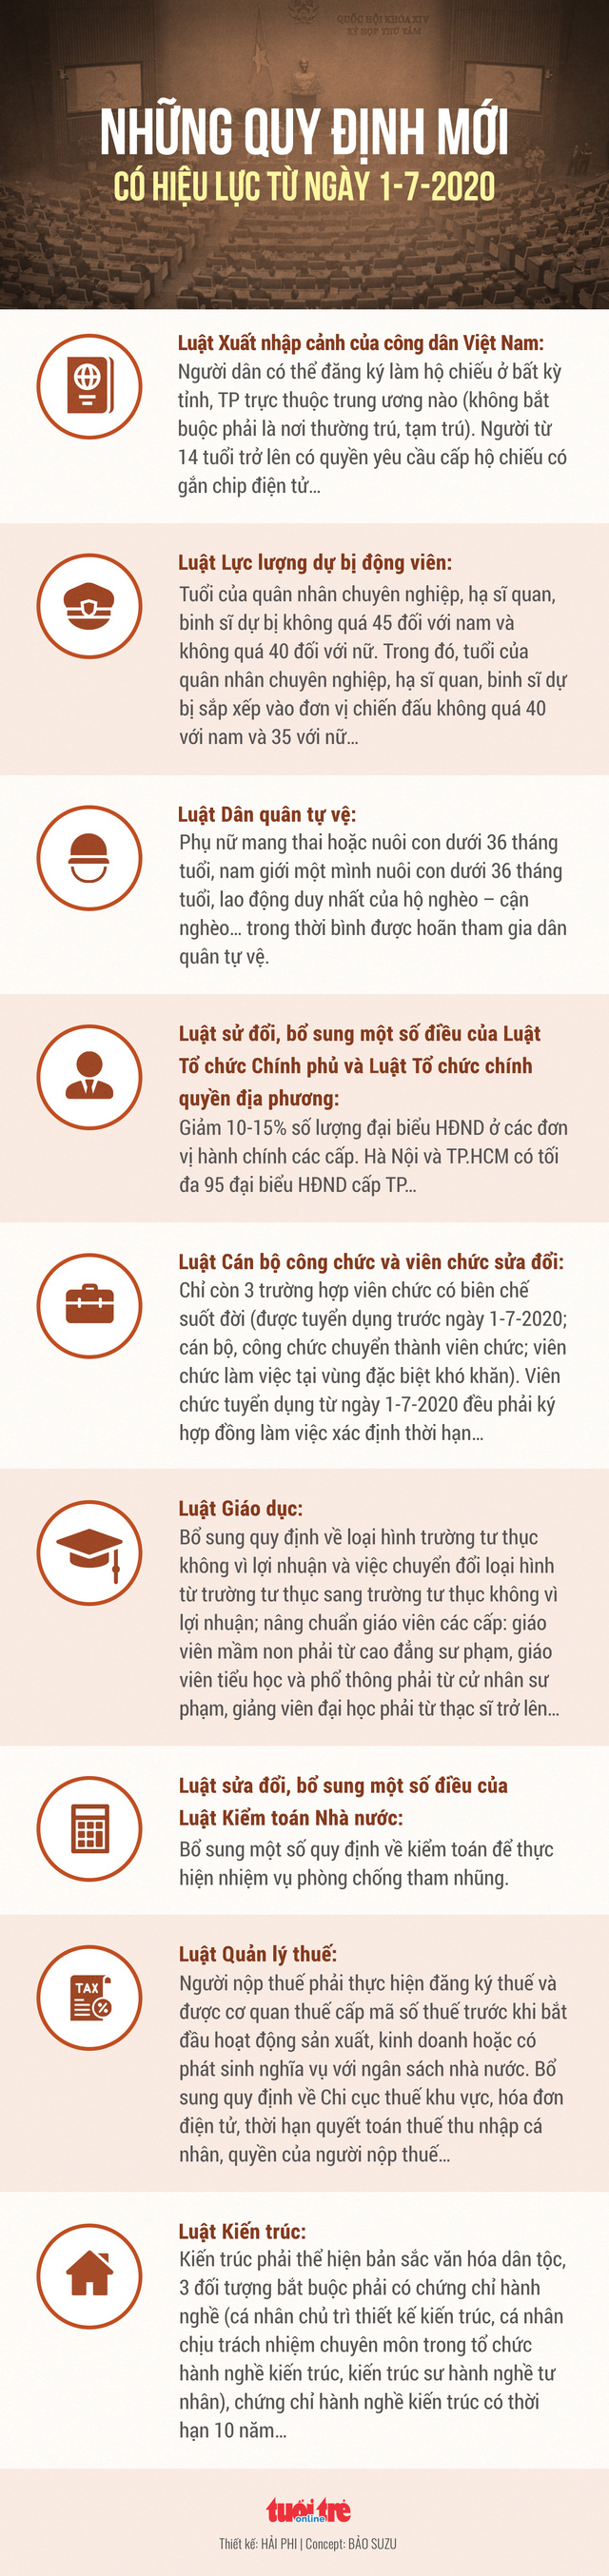 info-quy-dinh-da-sua-1593526698668552752139